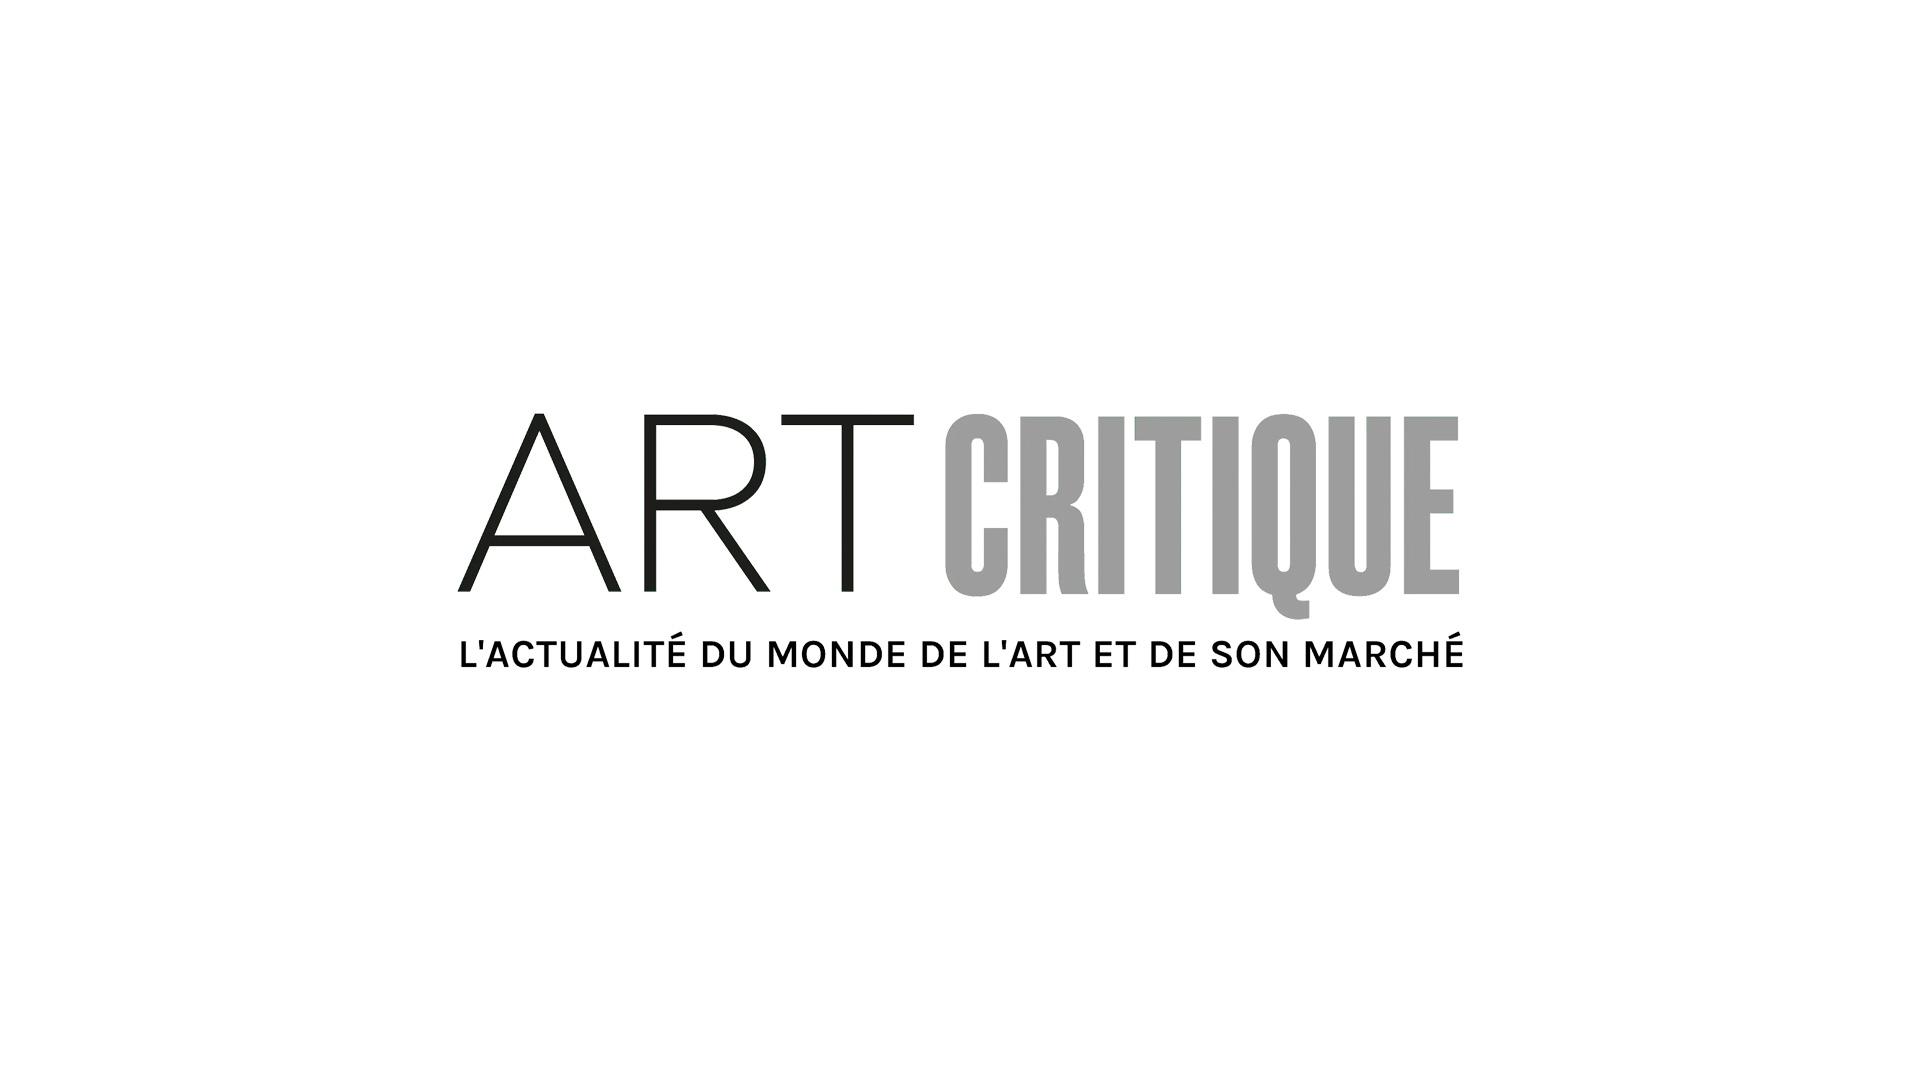 Une toile perdue de Notre-Dame de Paris, retrouvée